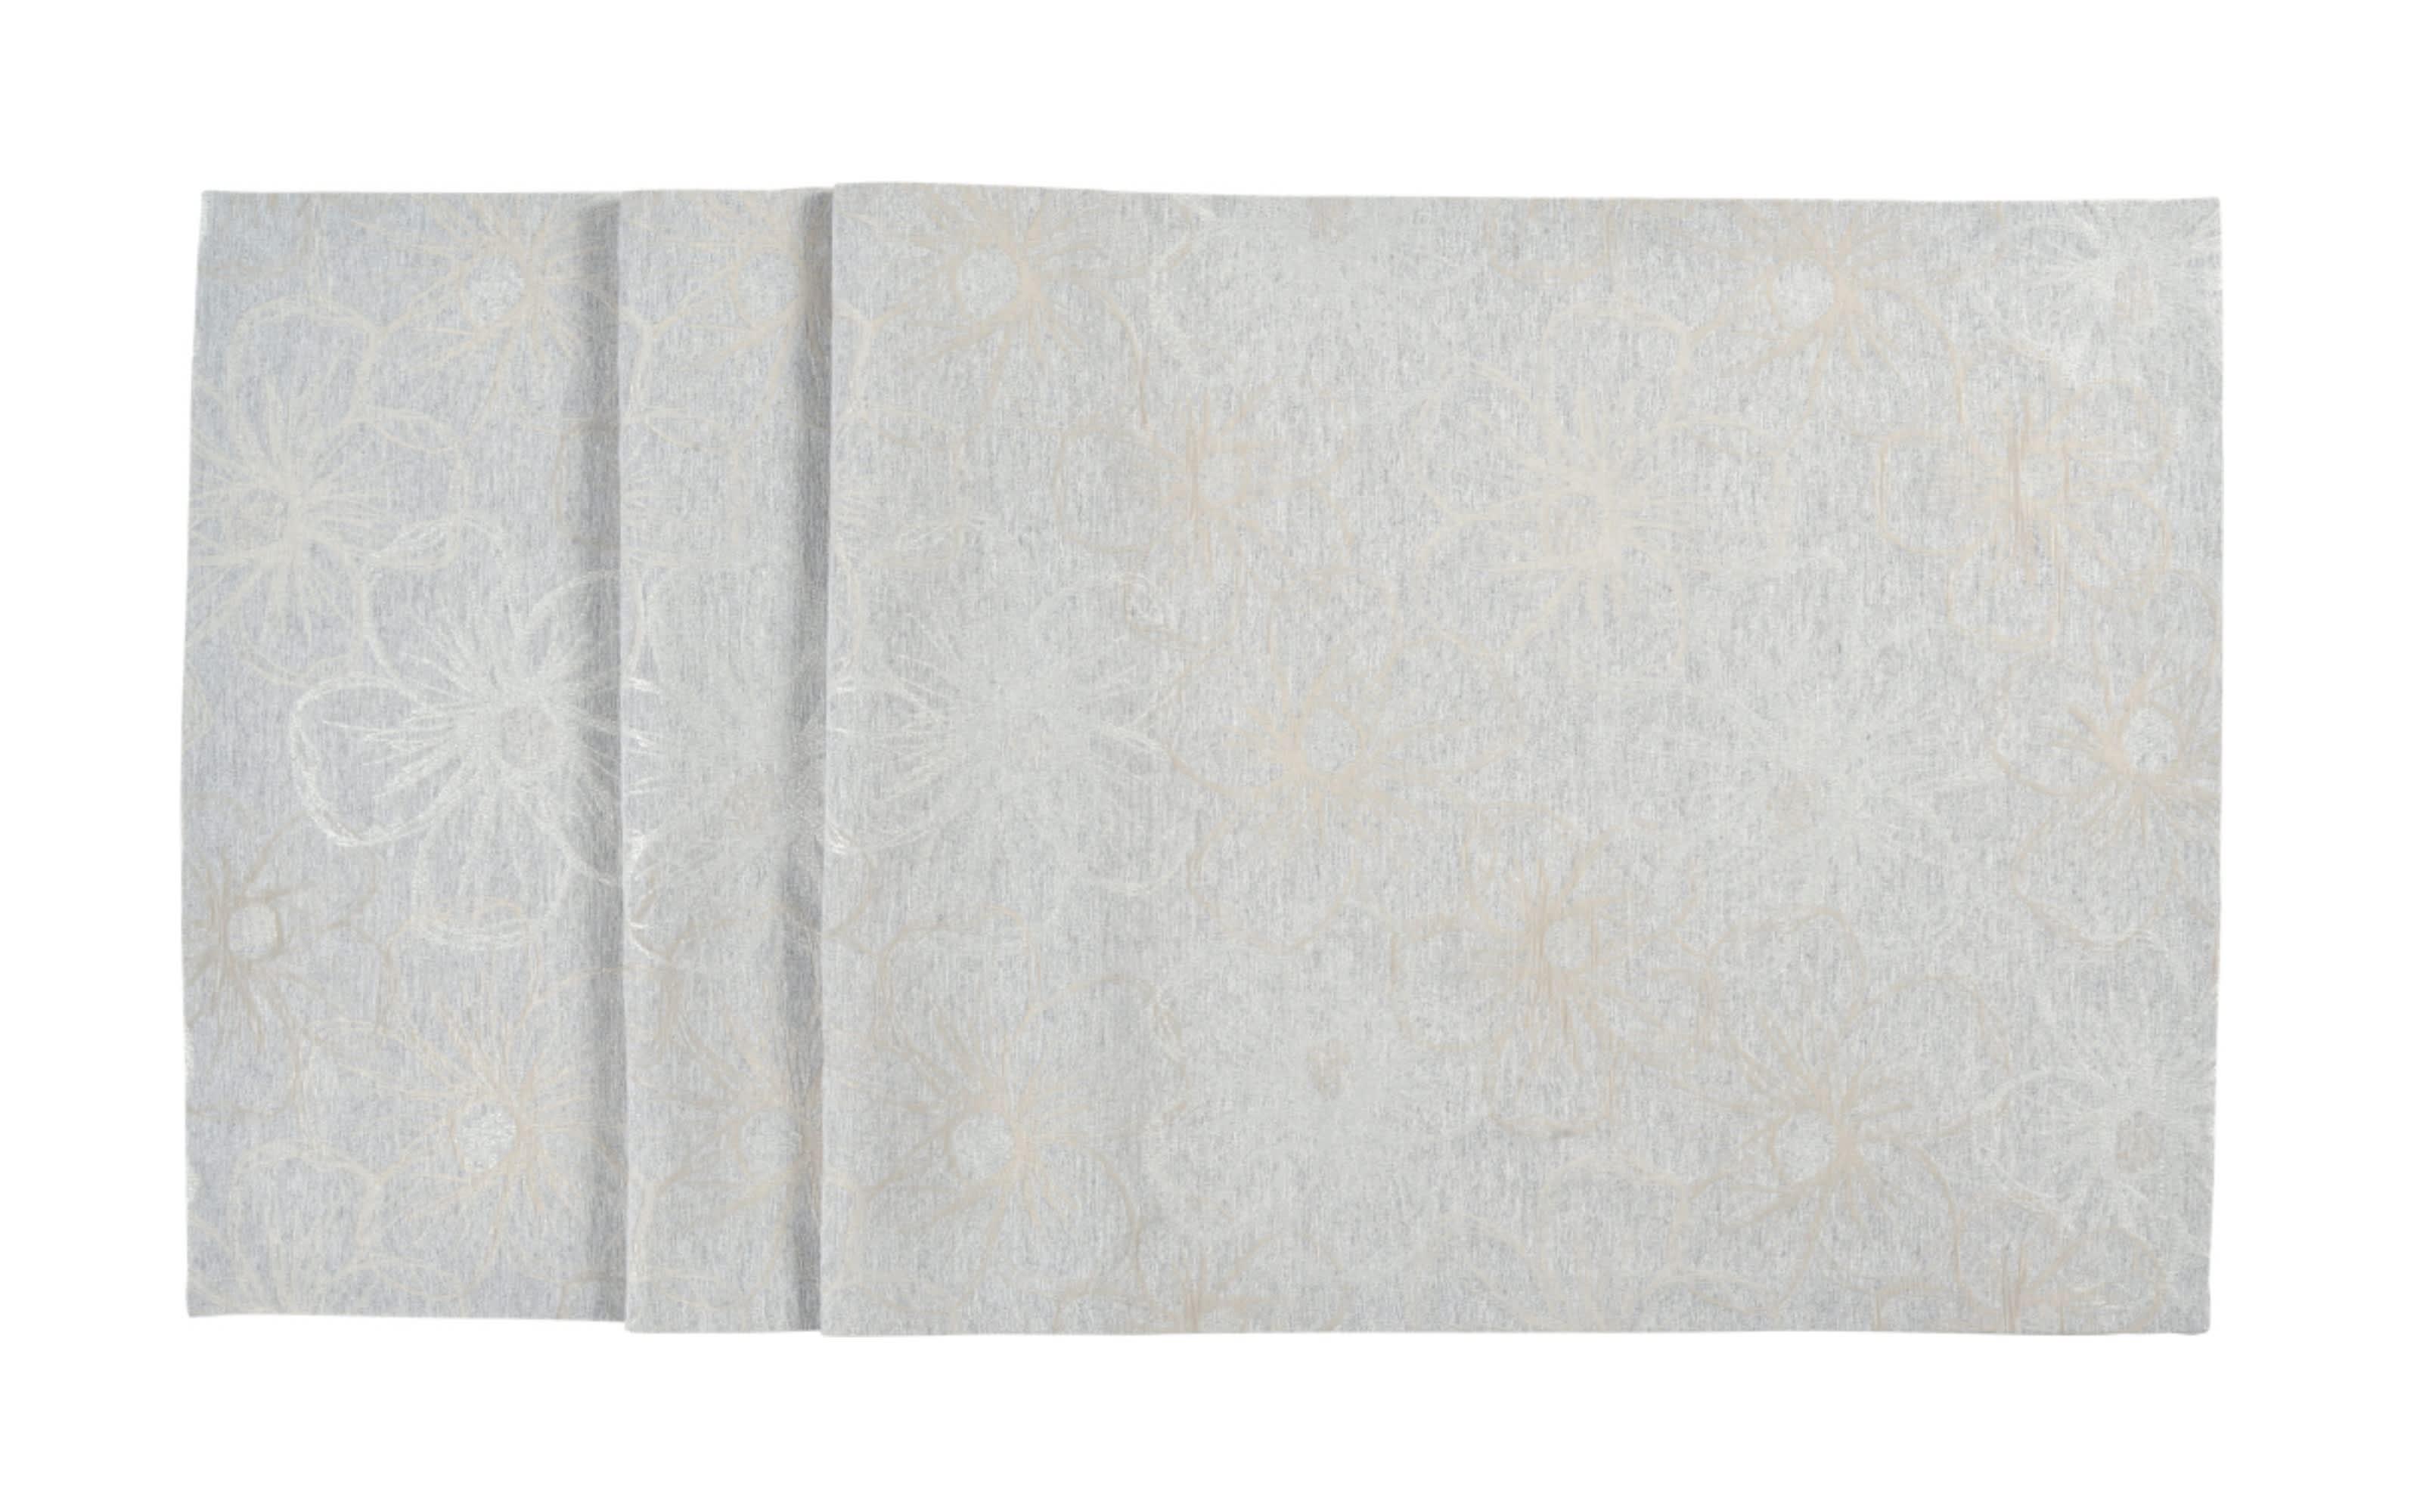 Tischläufer Fiori in silber, 50 x 140 cm